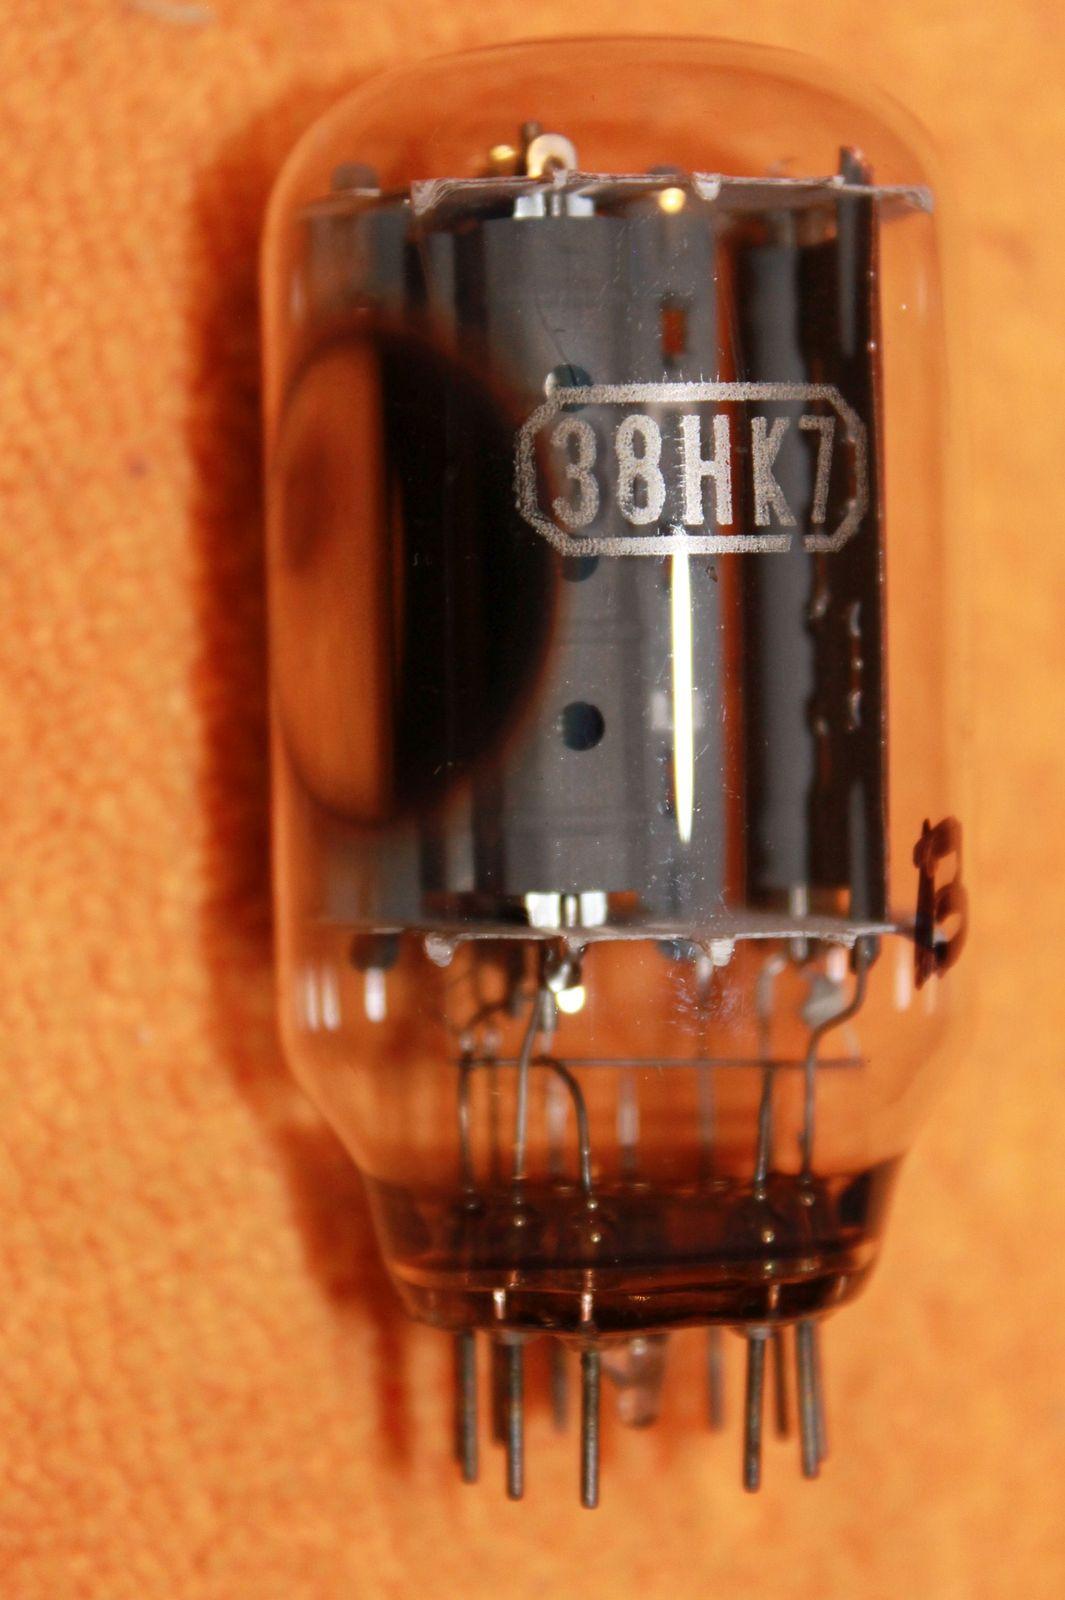 Vintage Radio Vacuum Tube (one): 38HK7 - Tested Good